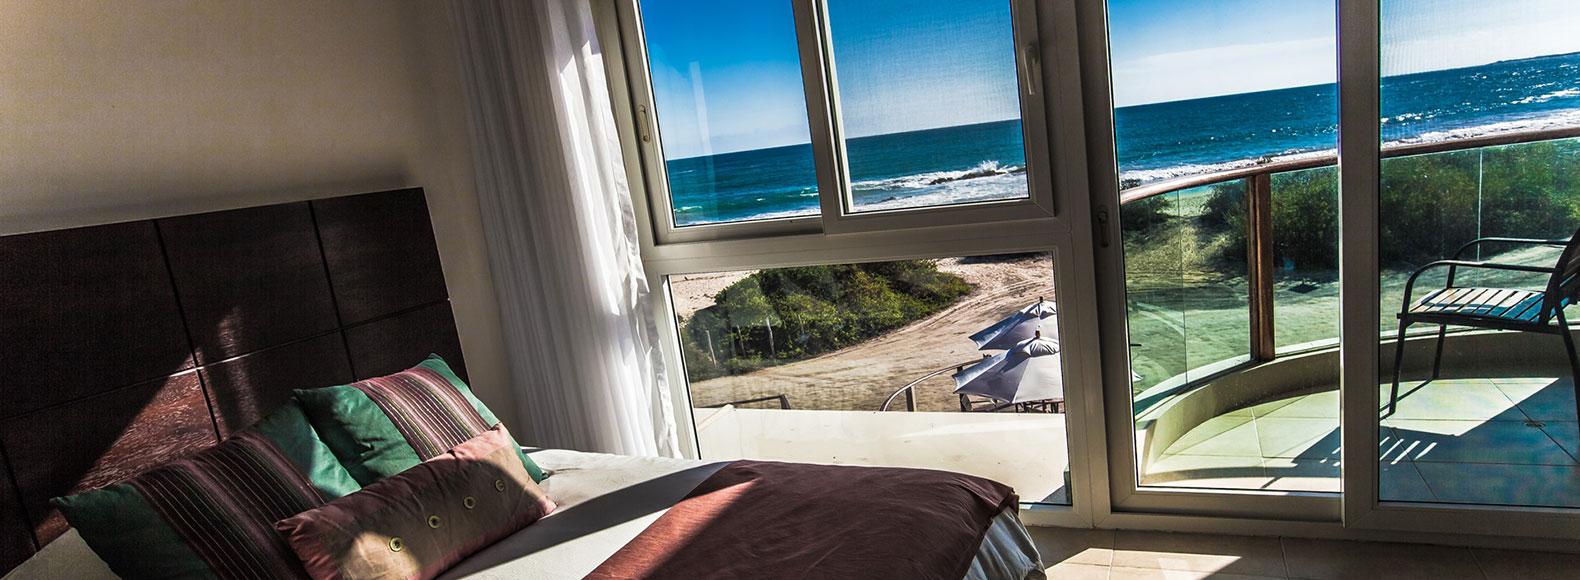 room-ocean-view.jpg